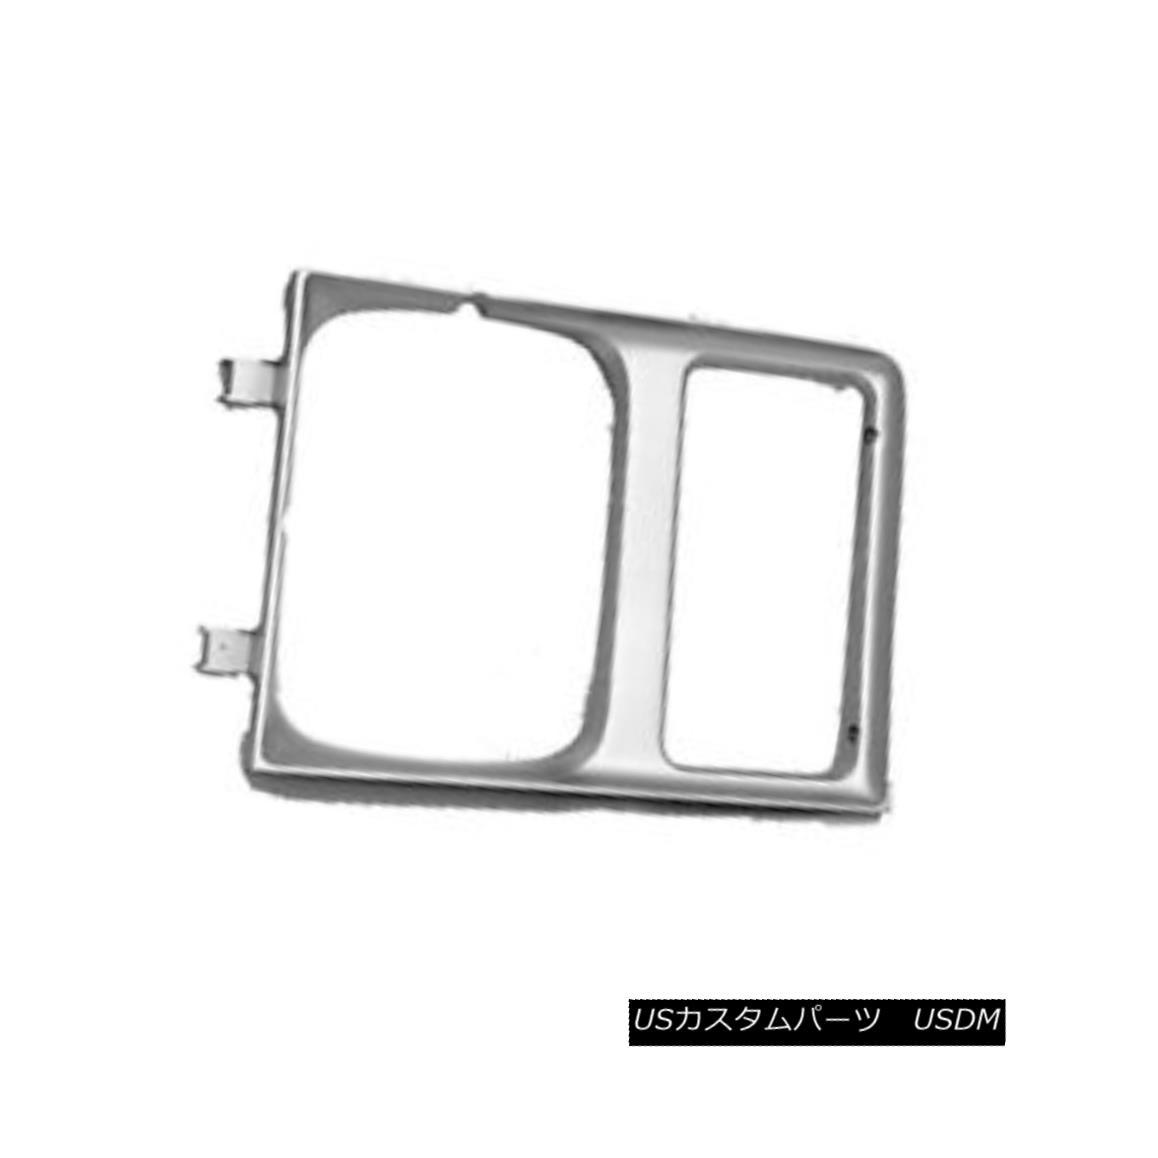 グリル New Replacement Headlight Door Silver Driver Side 630-00847AL 新しい交換ヘッドライトドアシルバードライバーサイド630-00847AL